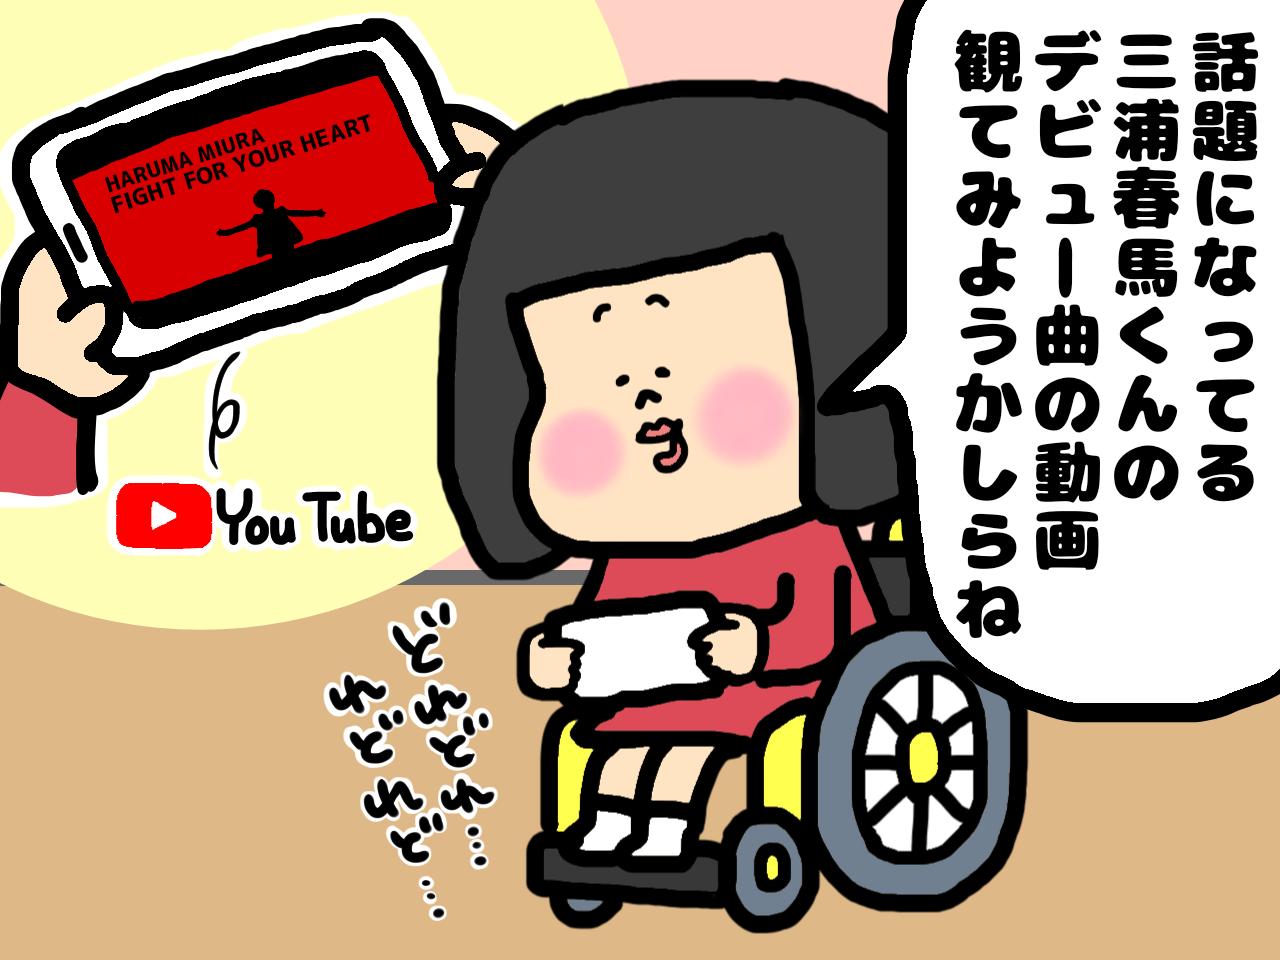 三浦 春 馬 ファイト フォー ユア ハート